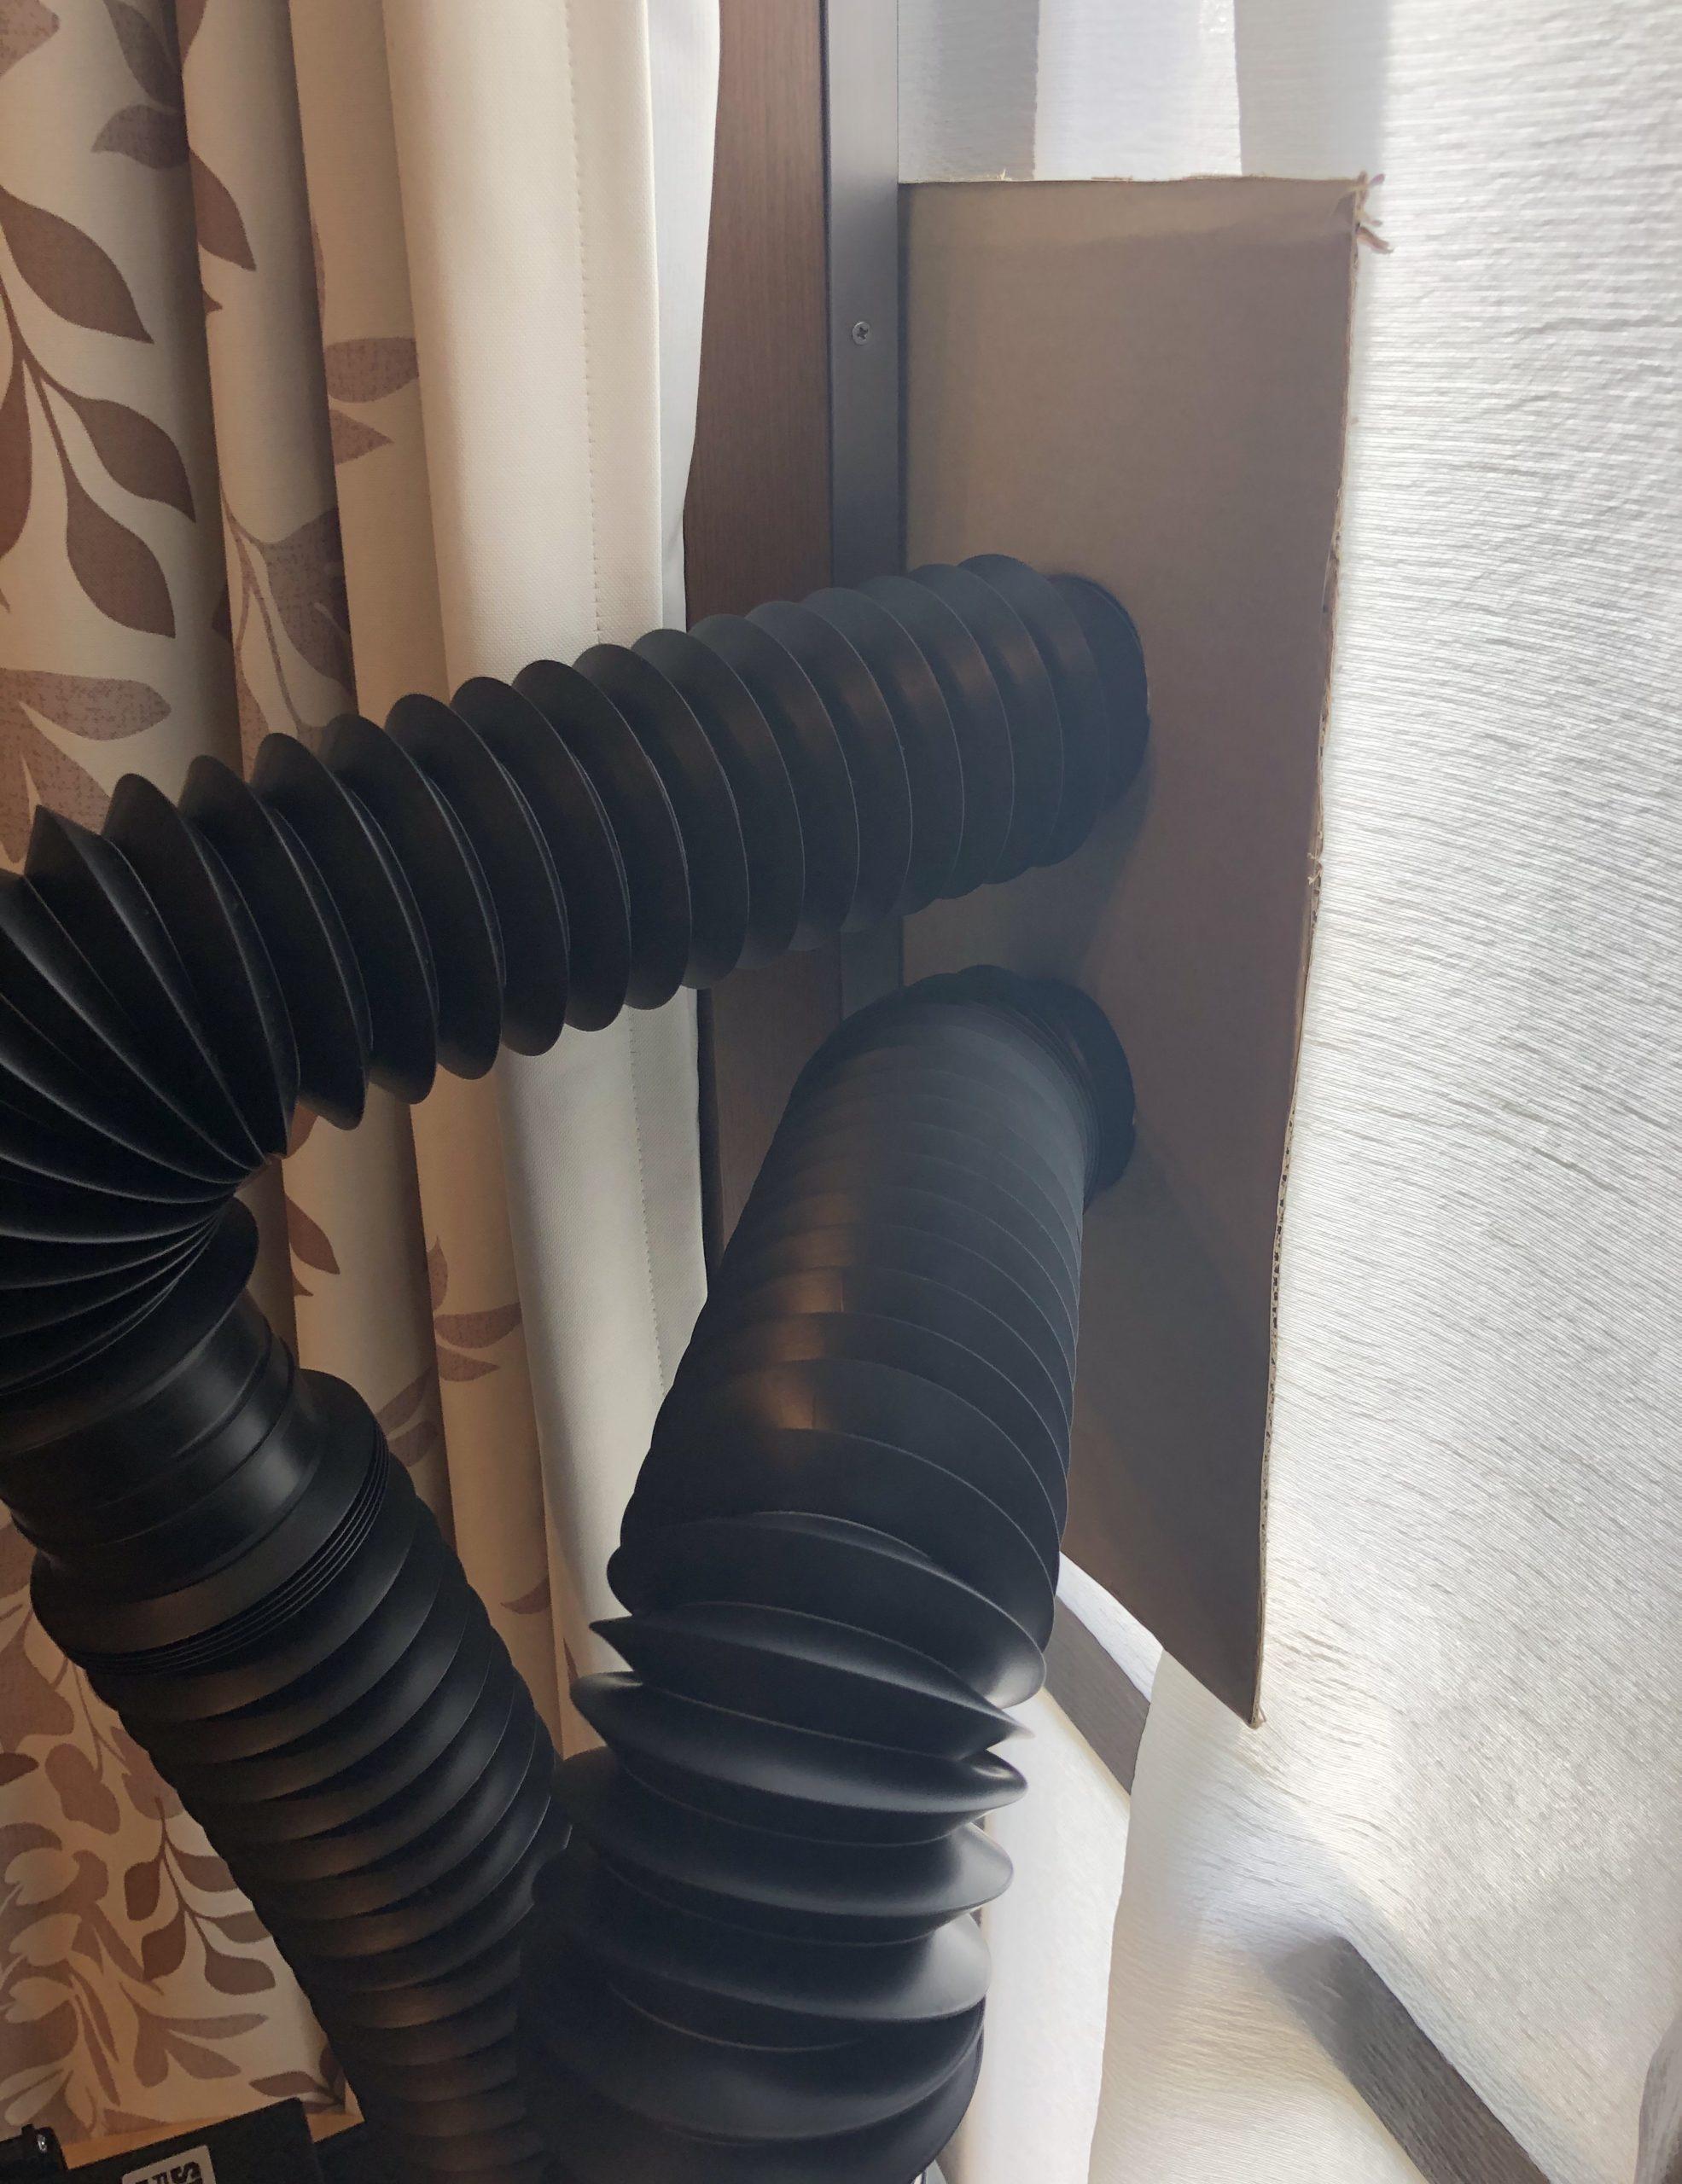 タミヤ ペインティングブース ツインファン 排気口の設置